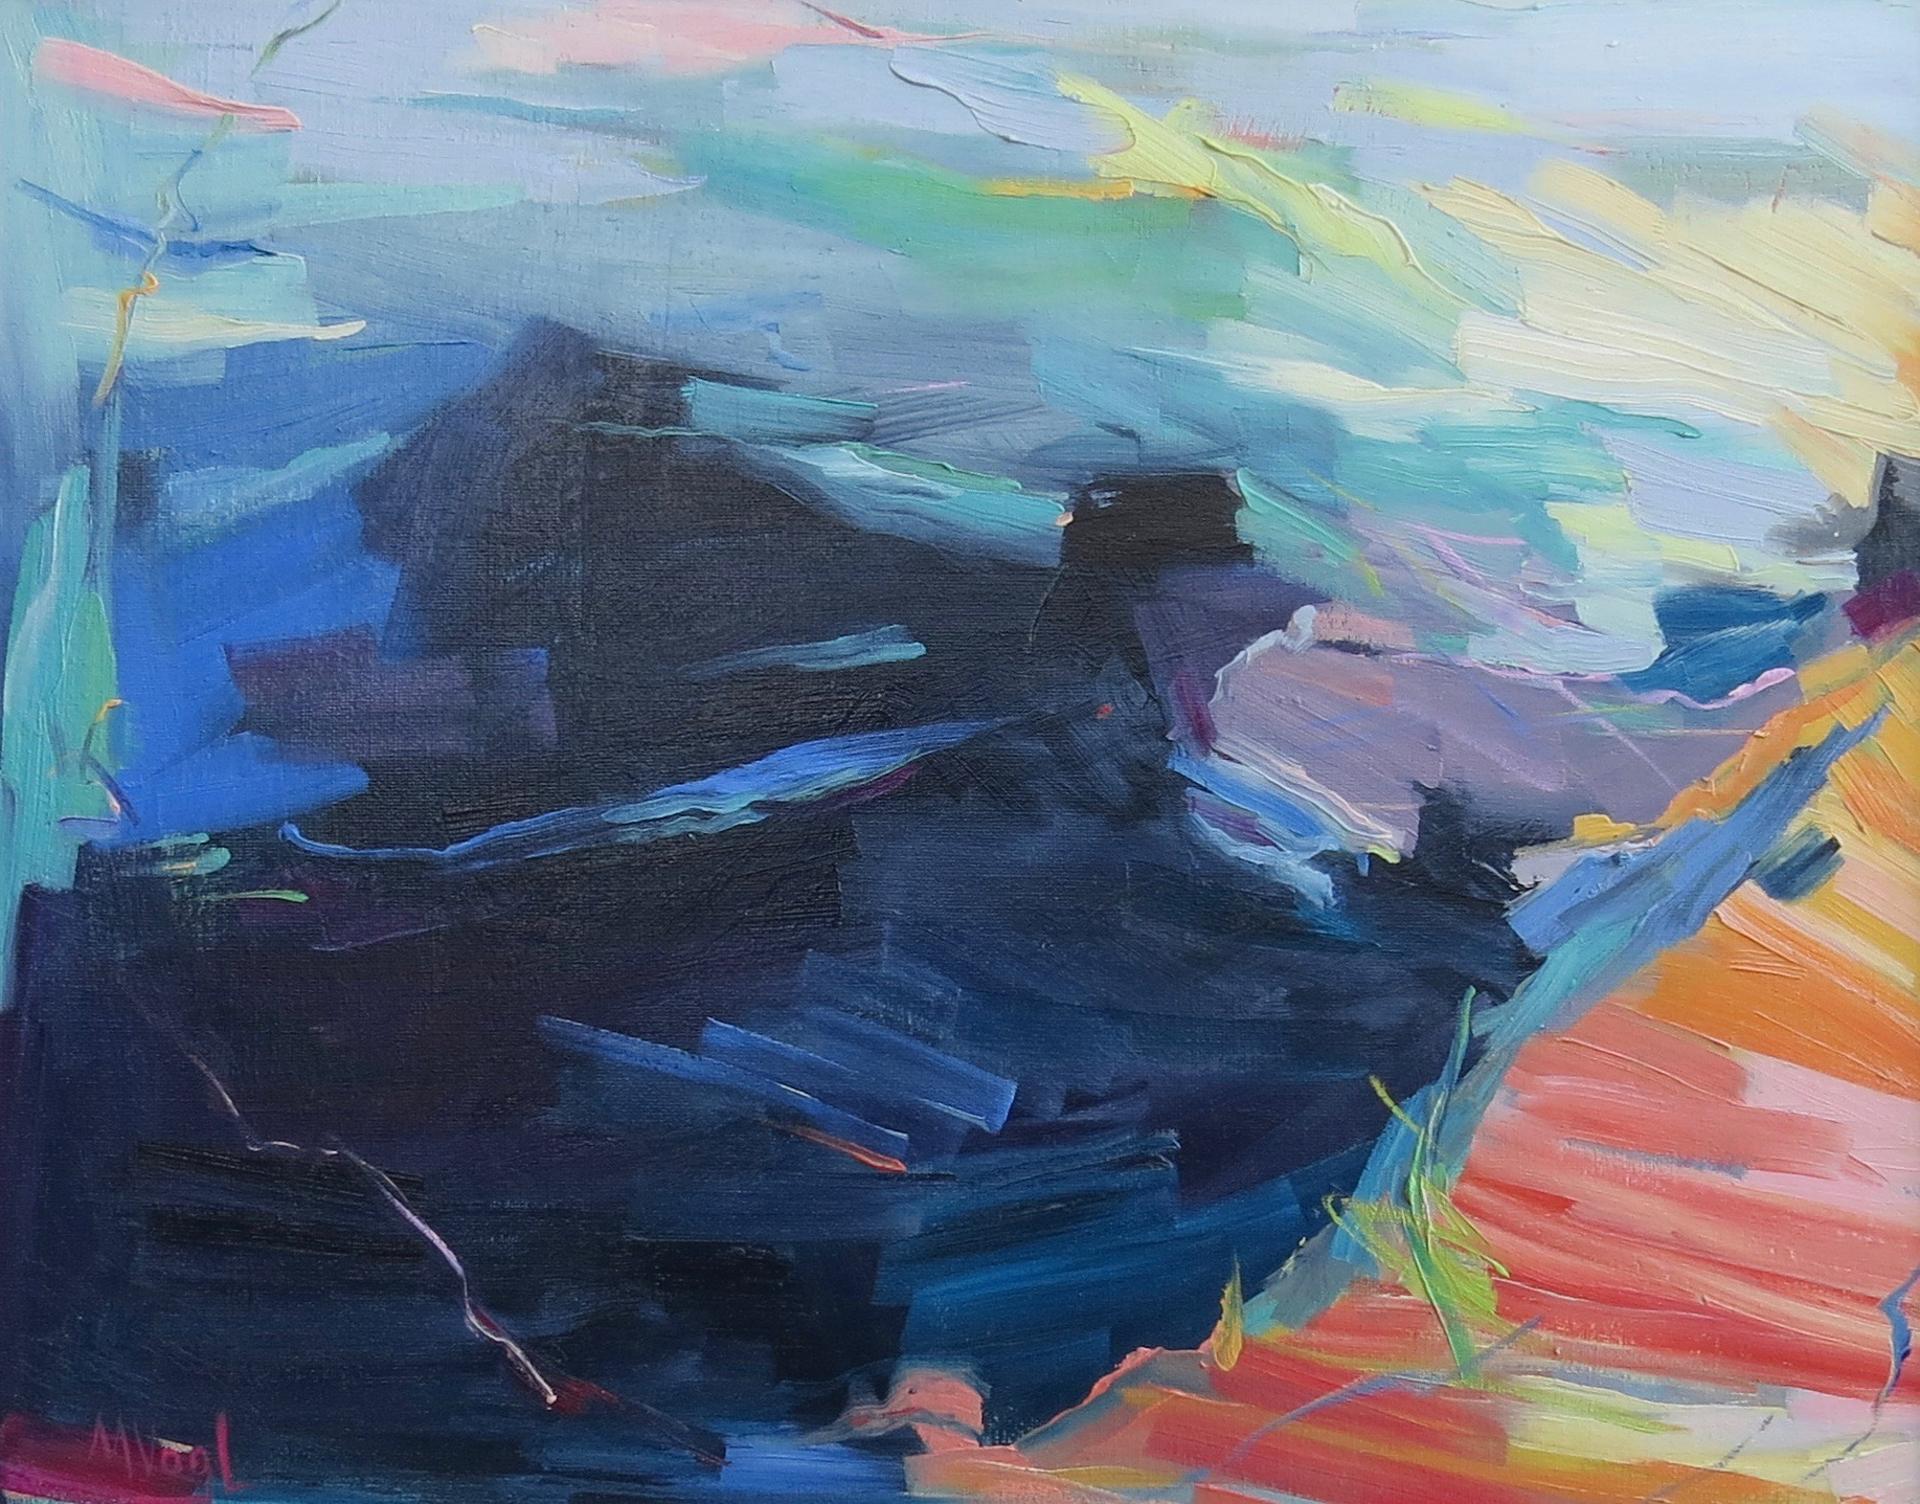 When Angels Fly by Marissa Vogl